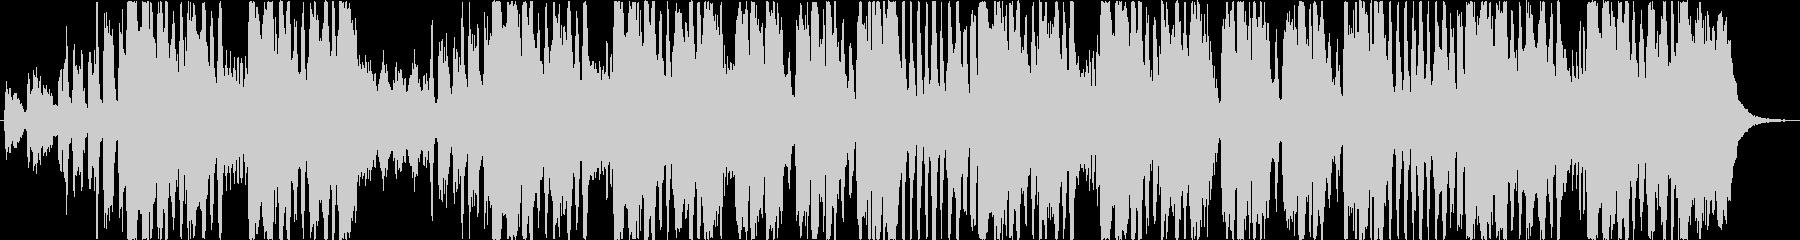 メンデルスゾーンの結婚行進曲(冒頭)ですの未再生の波形